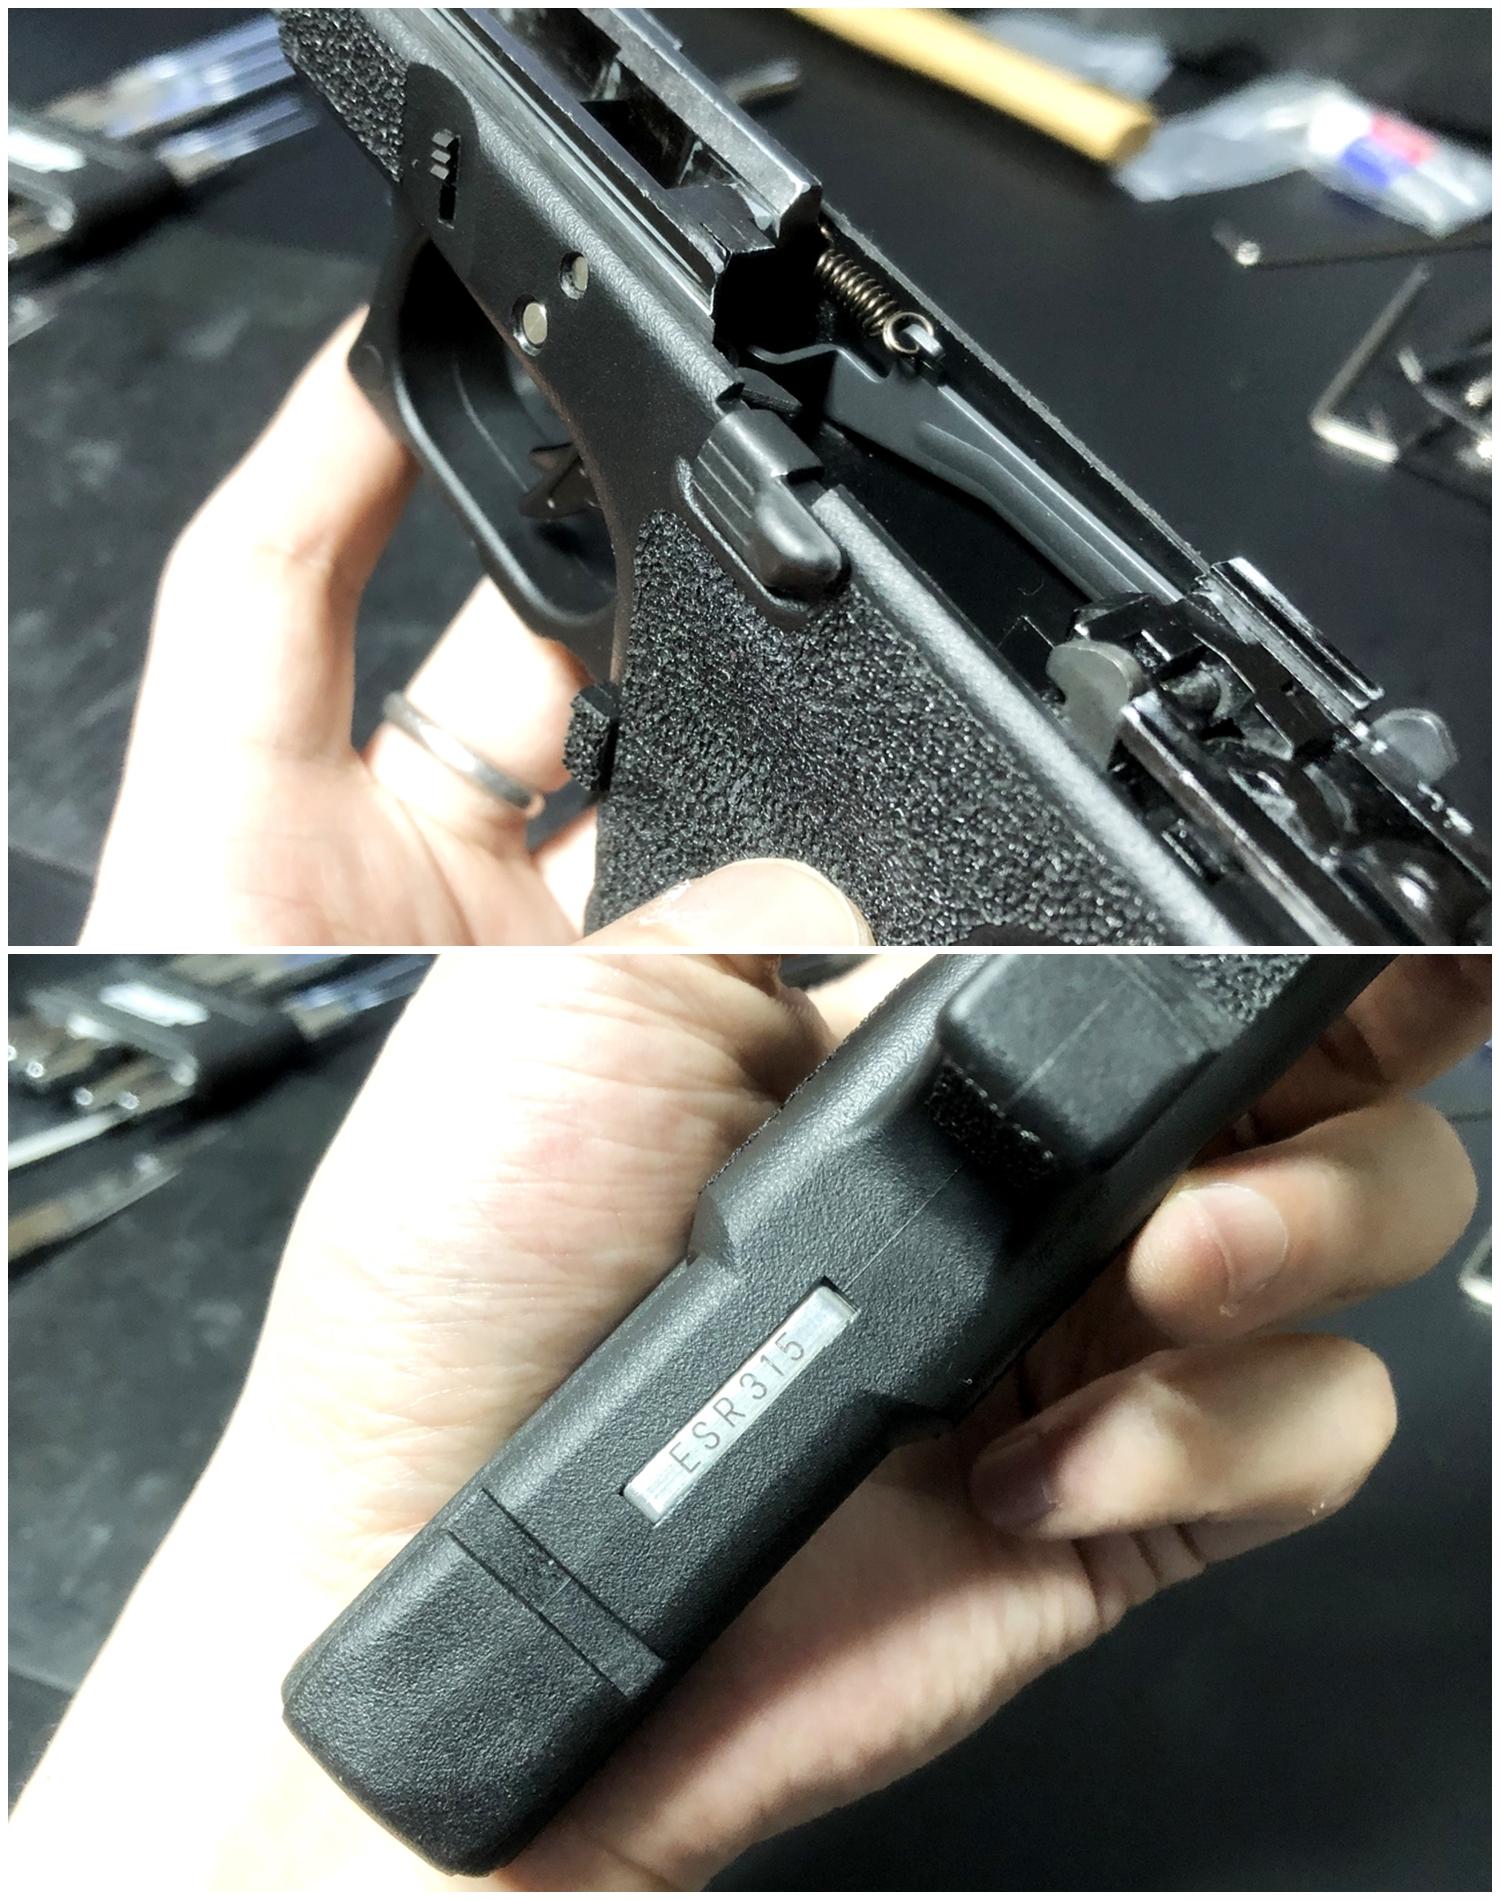 42【前半】 SAI GLOCK カスタムスライド G18C 組込完了!! やっと組み立てたぞ!! Guns Modify Salient Arms GM0251 スライドパーツ 購入 組込 分解 取付 カスタム レビュー!!